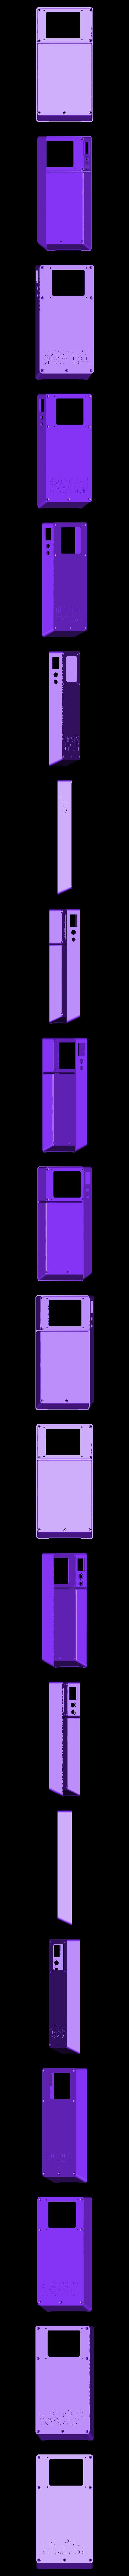 box2.stl Télécharger fichier STL gratuit Planche de bricolage électrique Longboard • Objet imprimable en 3D, NikodemBartnik